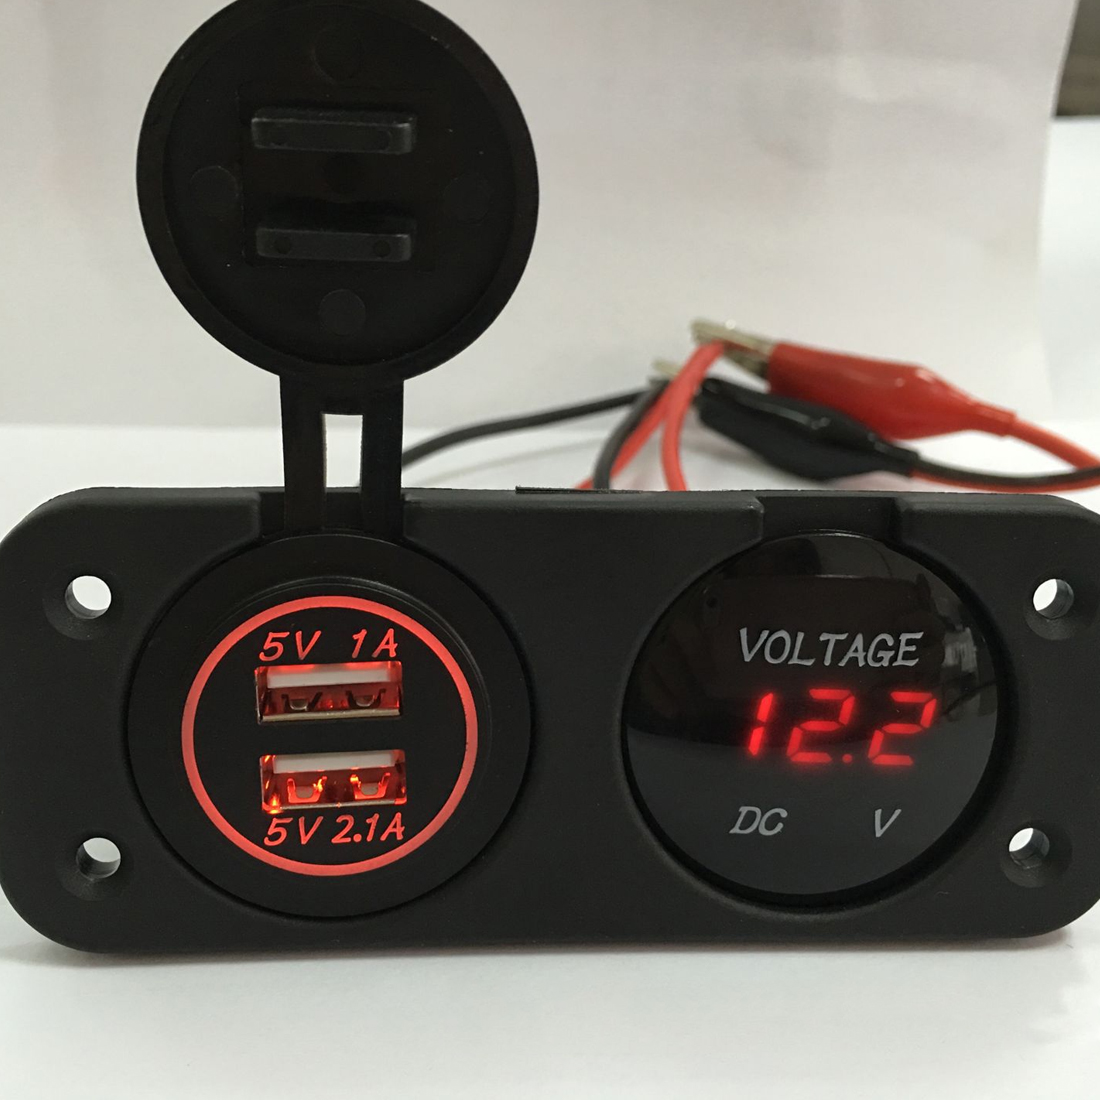 Display Voltmeter Best Quality Car Motorcycle DC12V-24V LED Panel Digital Voltage Meter